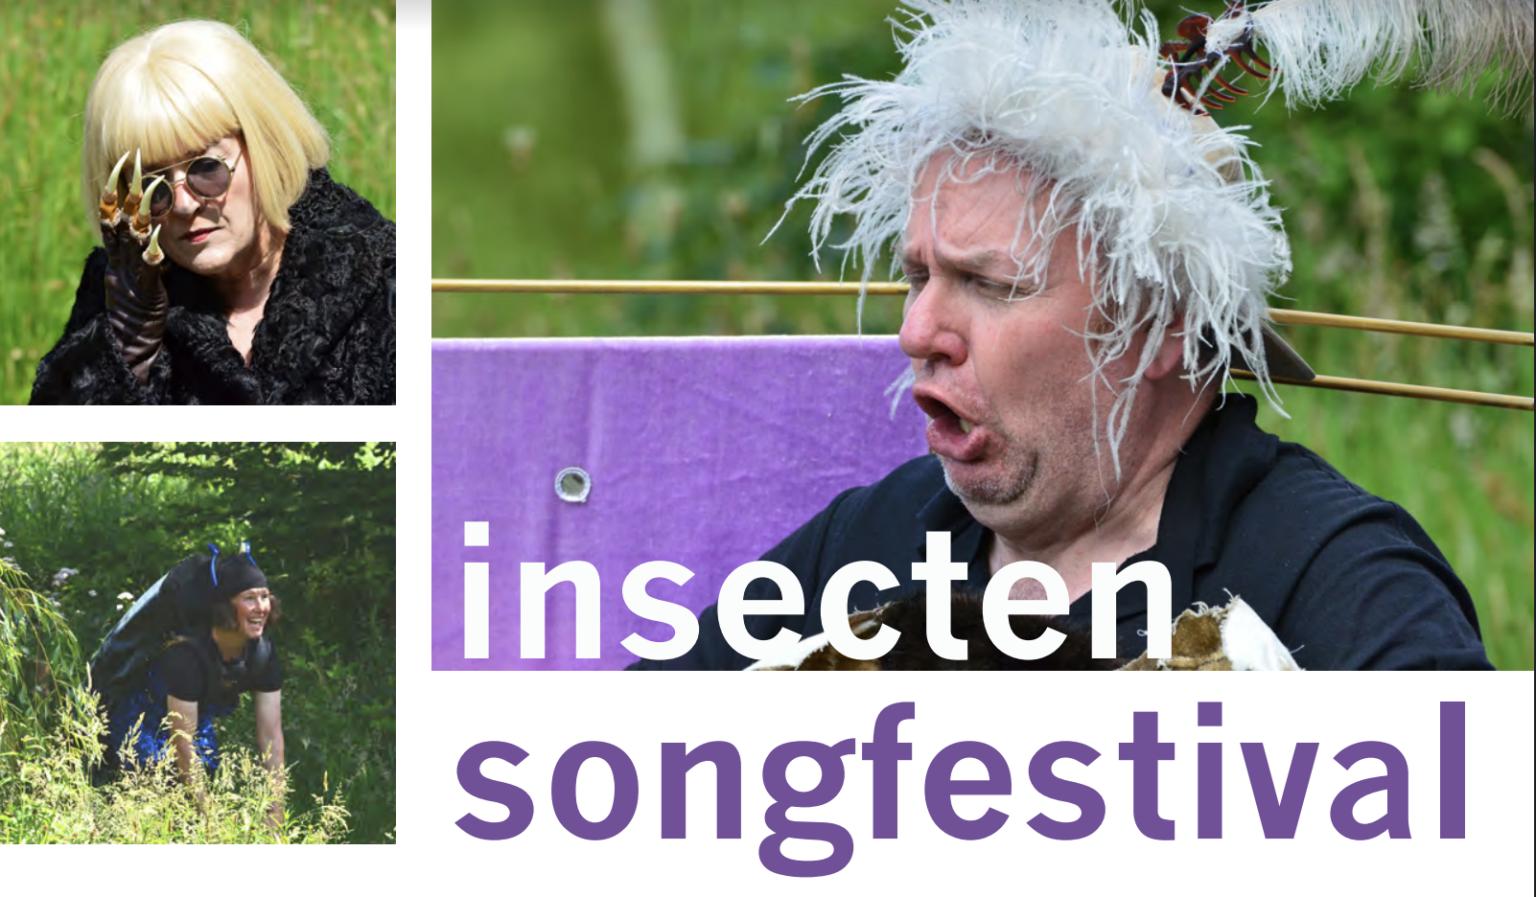 Insecten songfestival